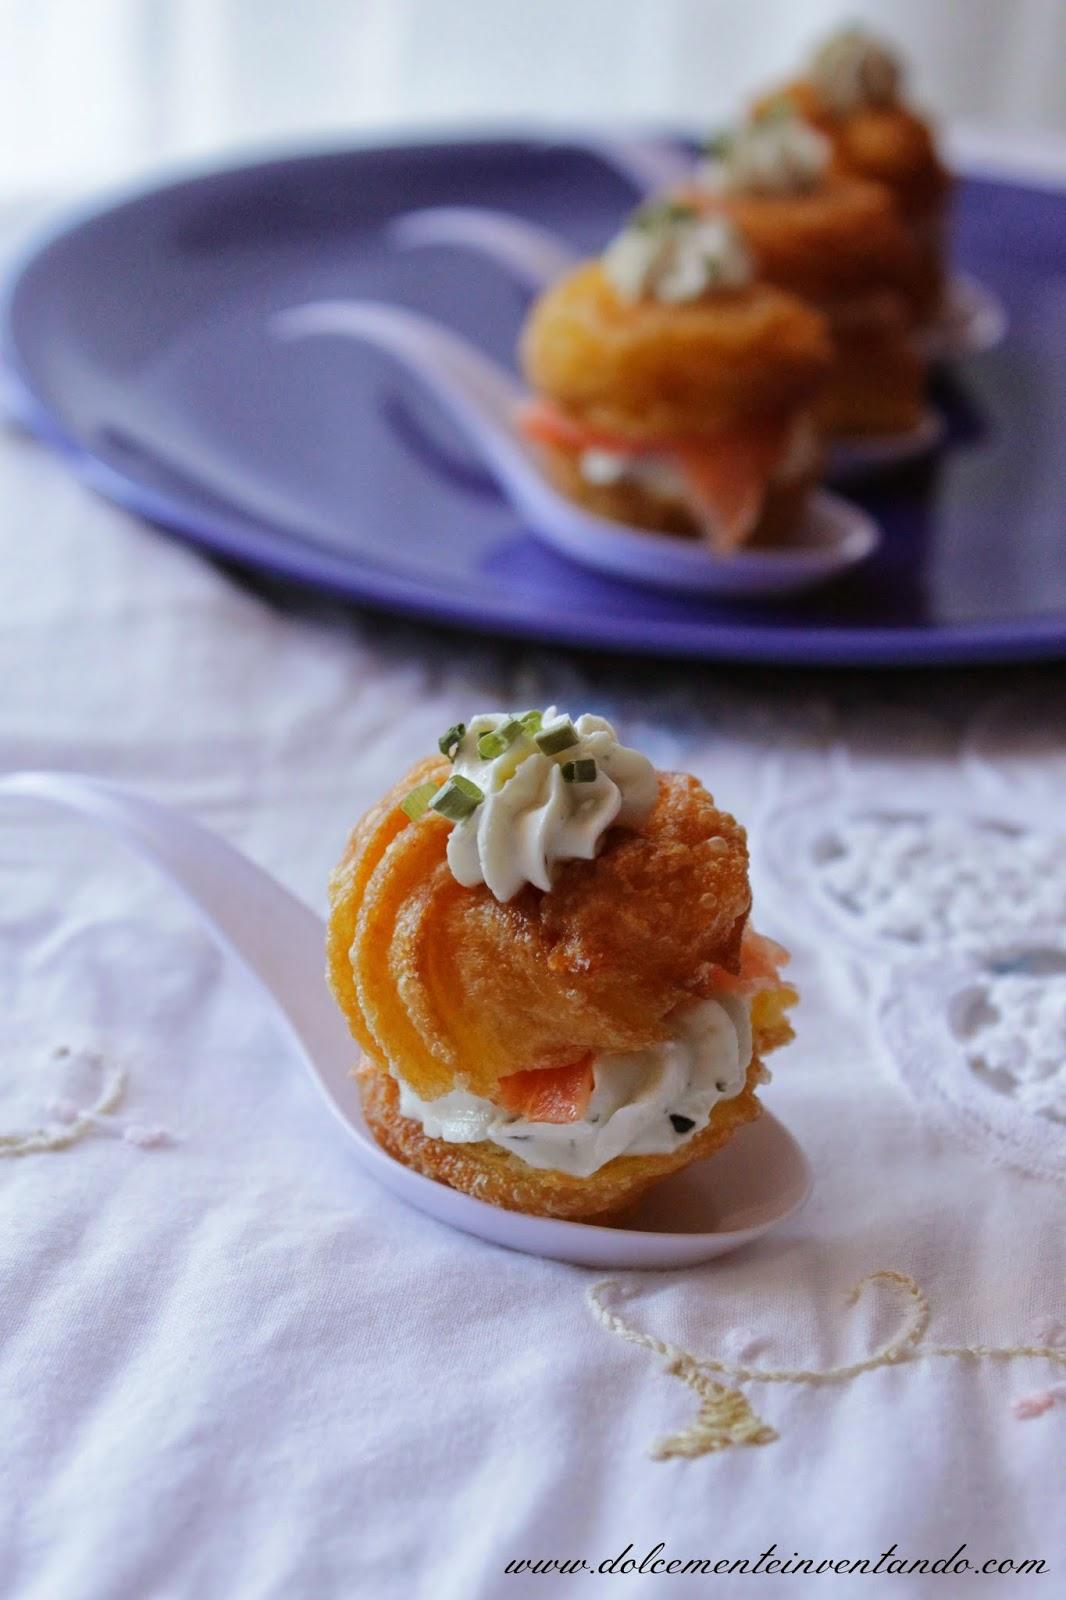 zeppole mignon salate al formaggio fresco con erbe di provenza e salmone affumicato